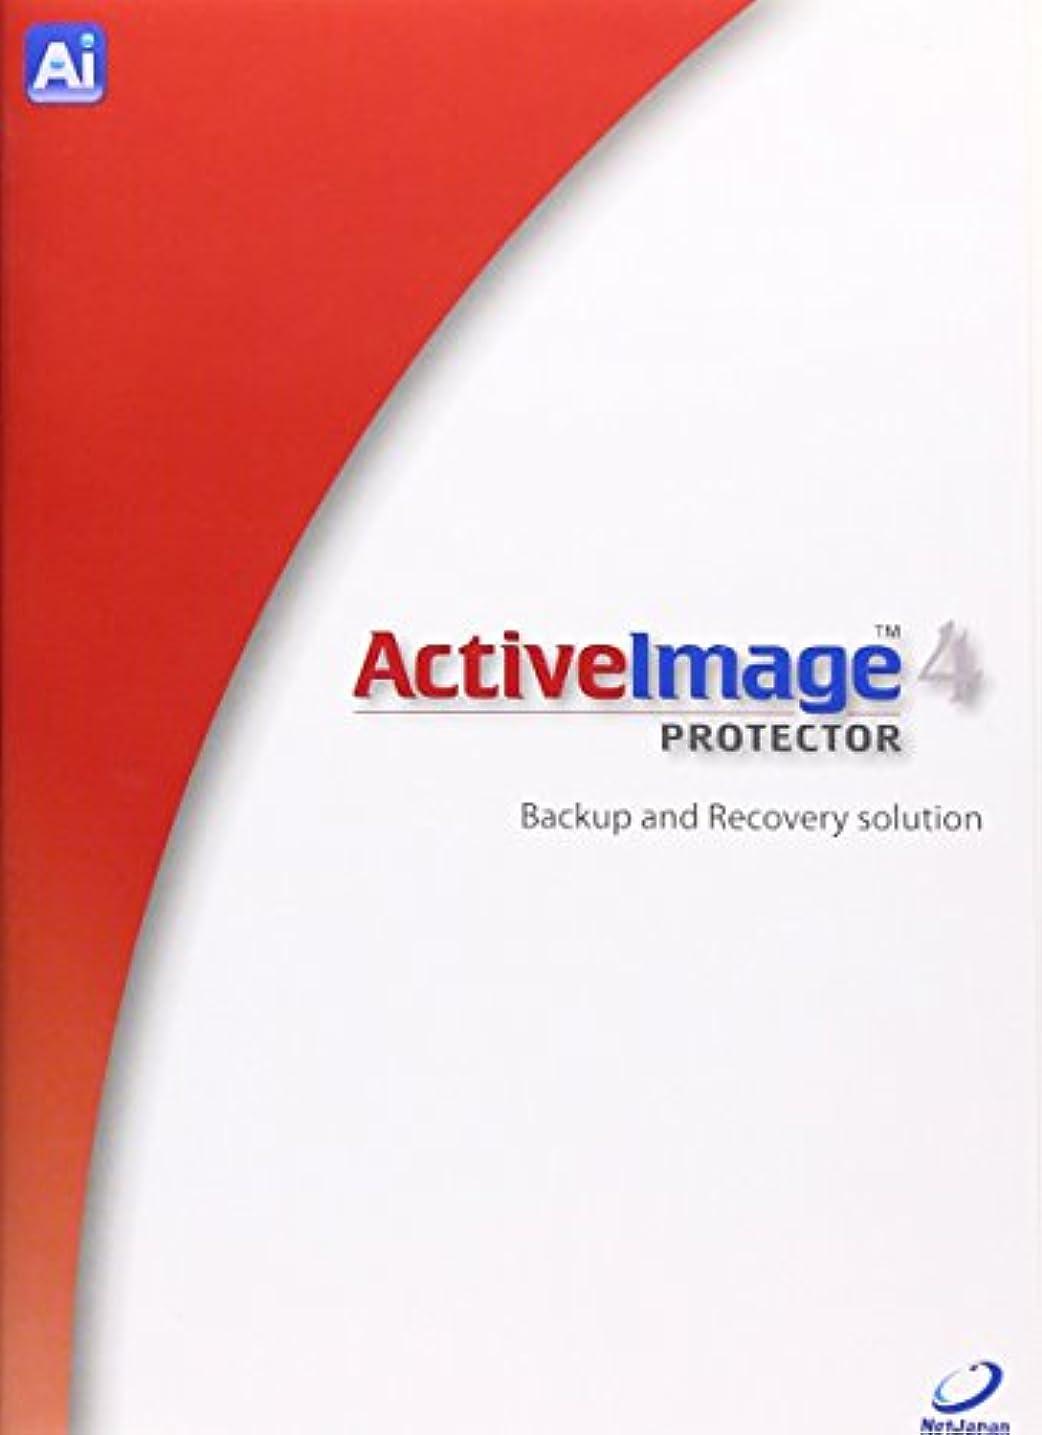 背景水お金ActiveImage Protector 4 シングルライセンス